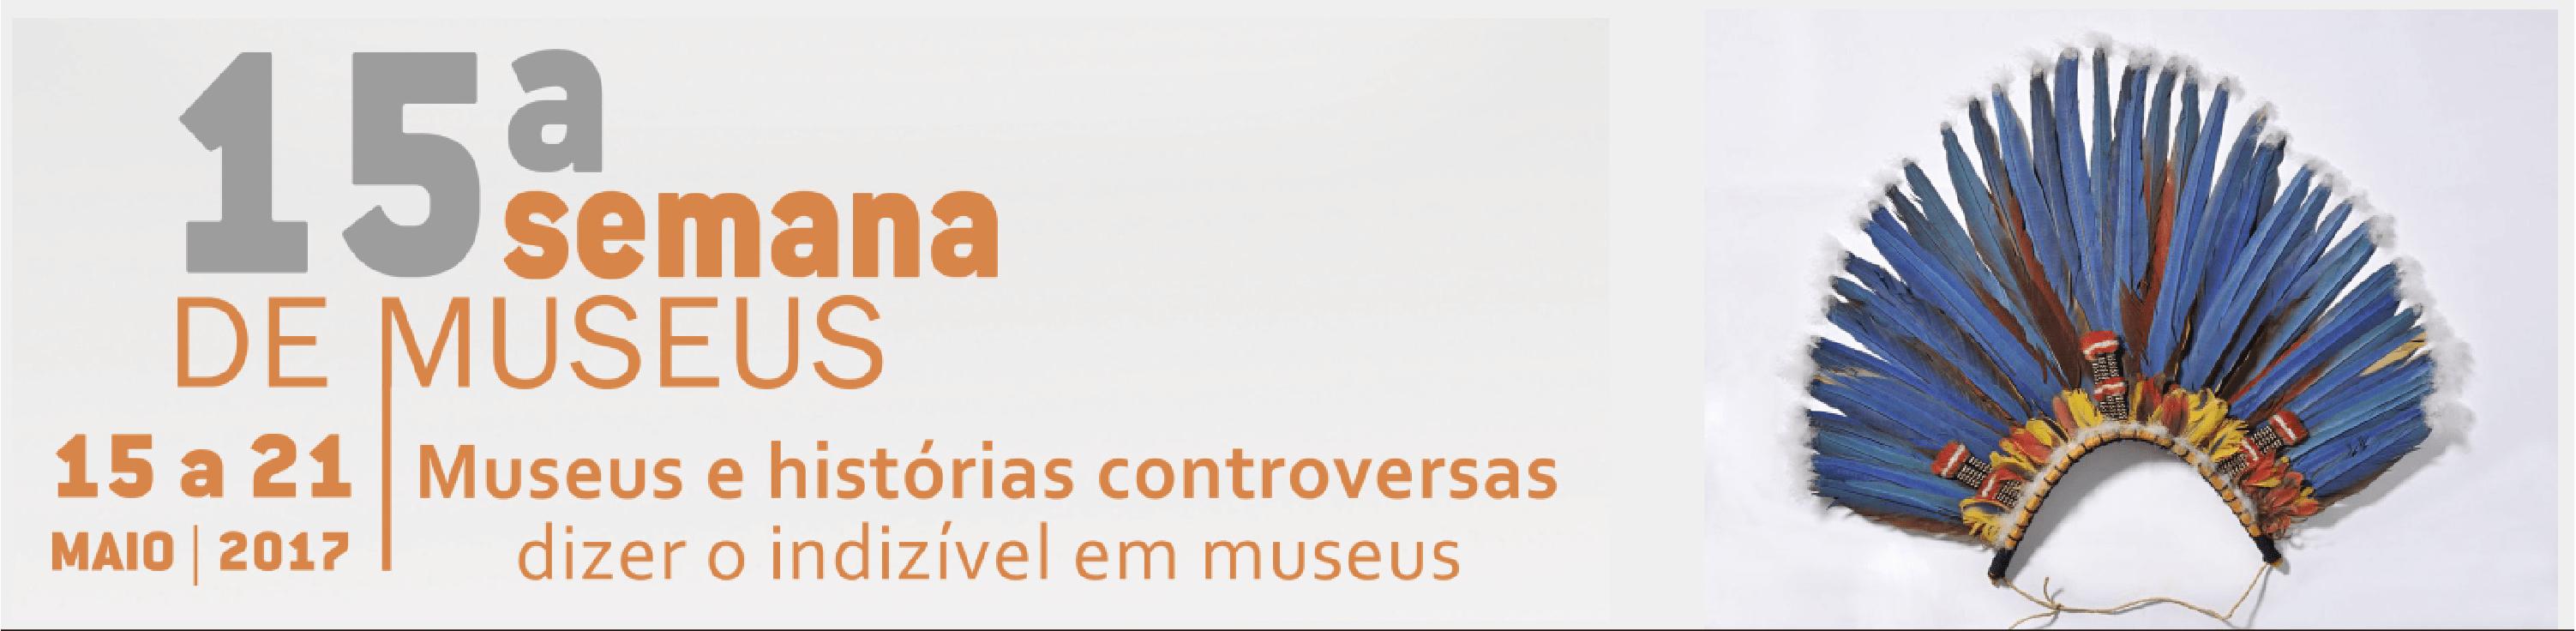 15_Semana_de_museus01